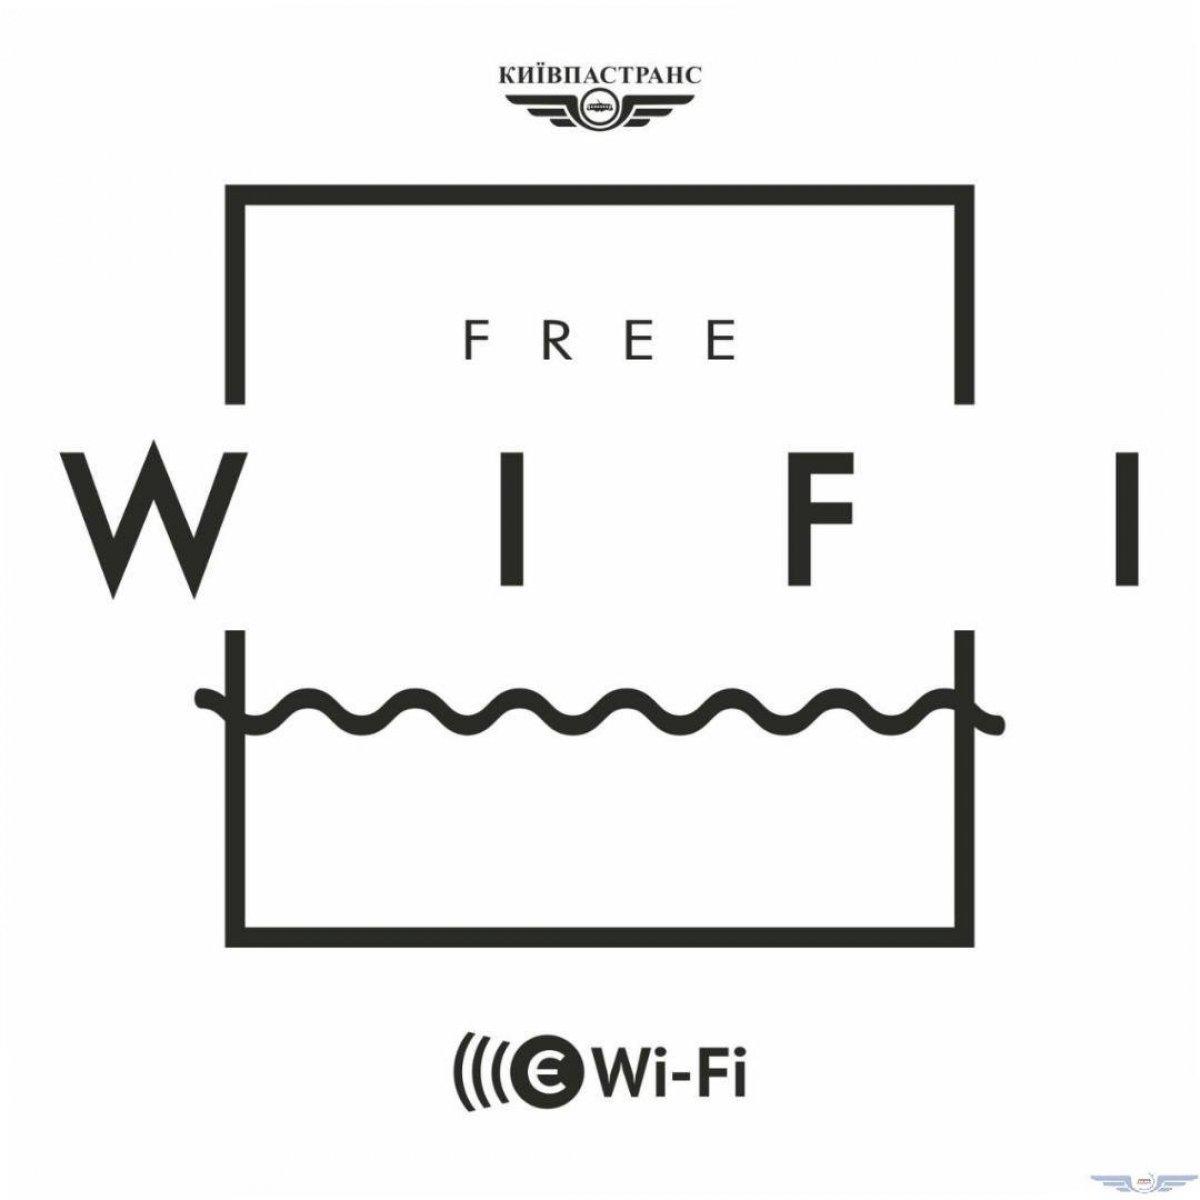 Київпастрансу буде Wi-Fi